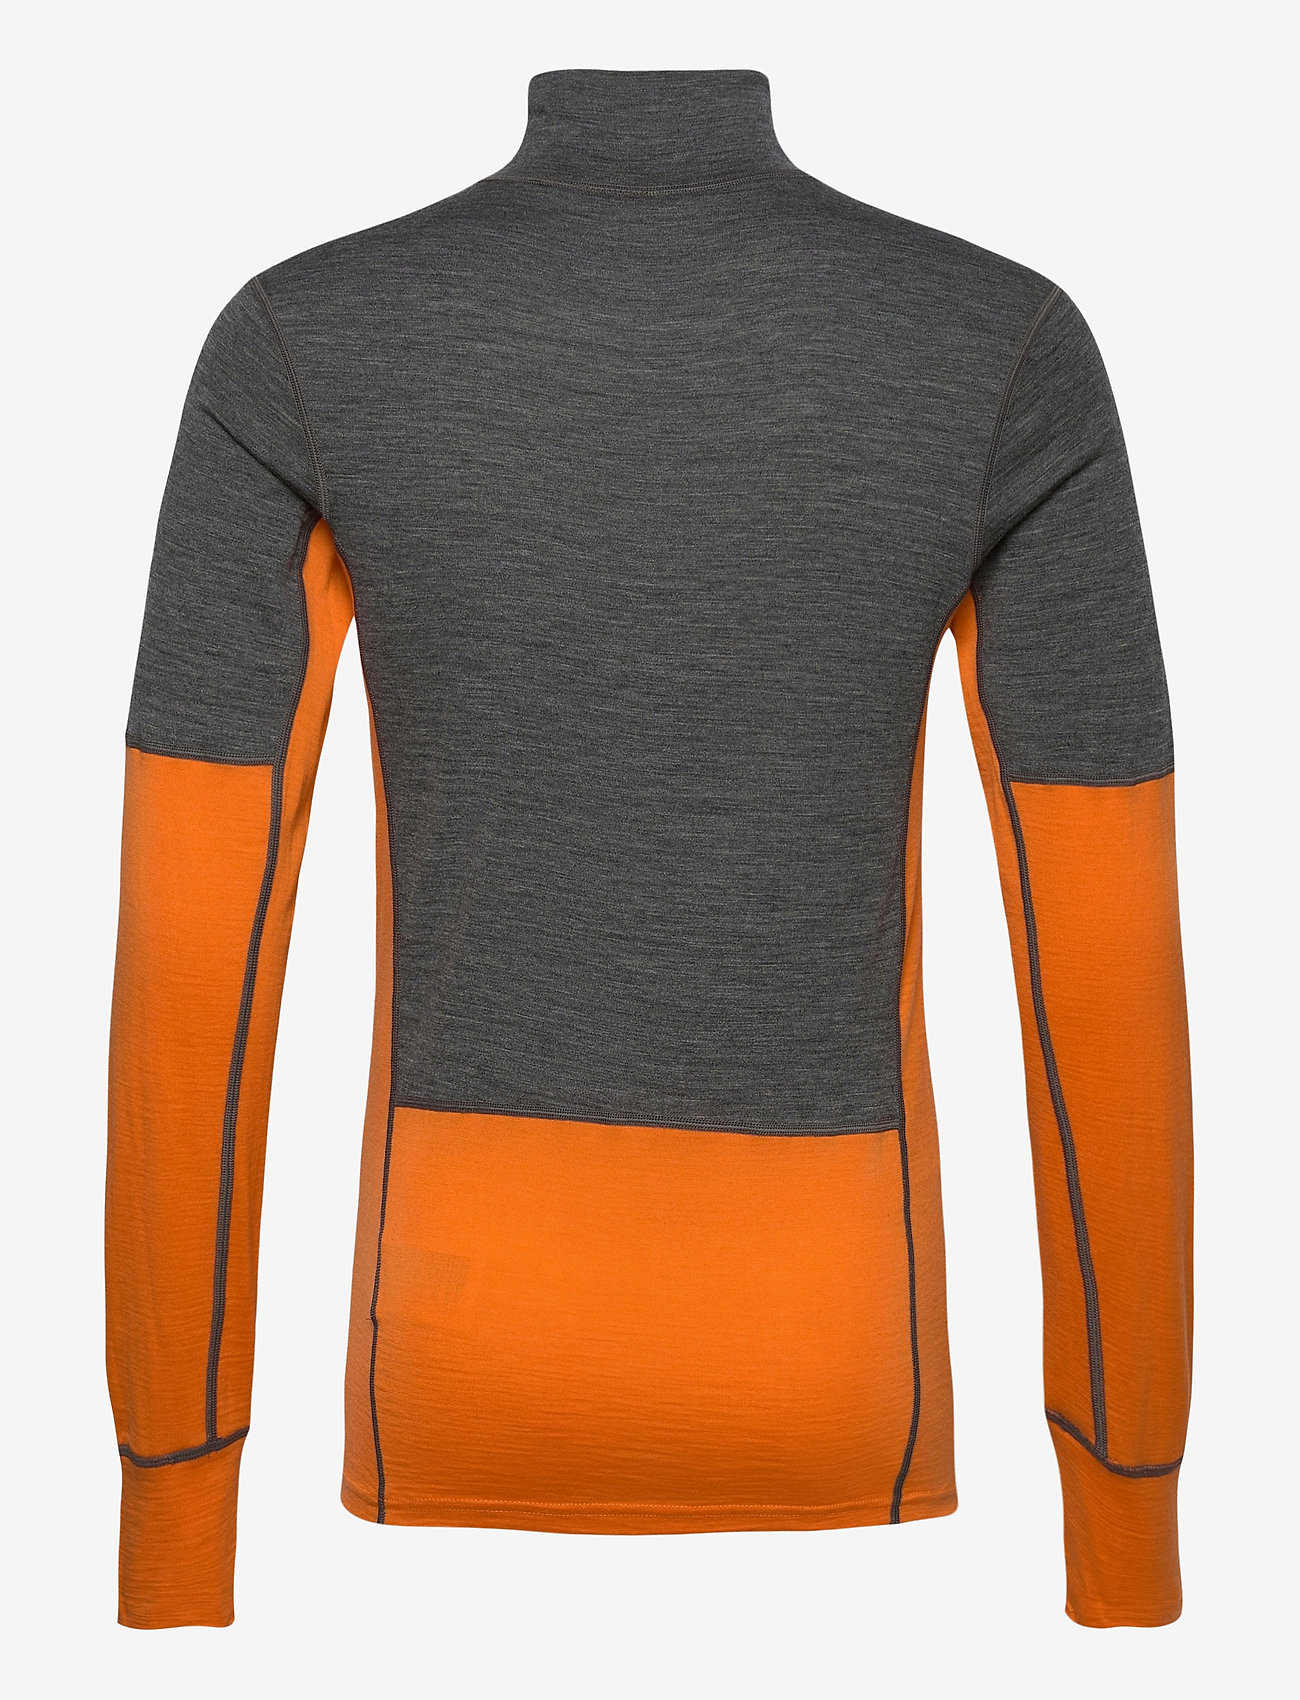 Skogstad - Røstene merino wool half-zip - funktionsunterwäsche - oberteile - jaffa orange - 1